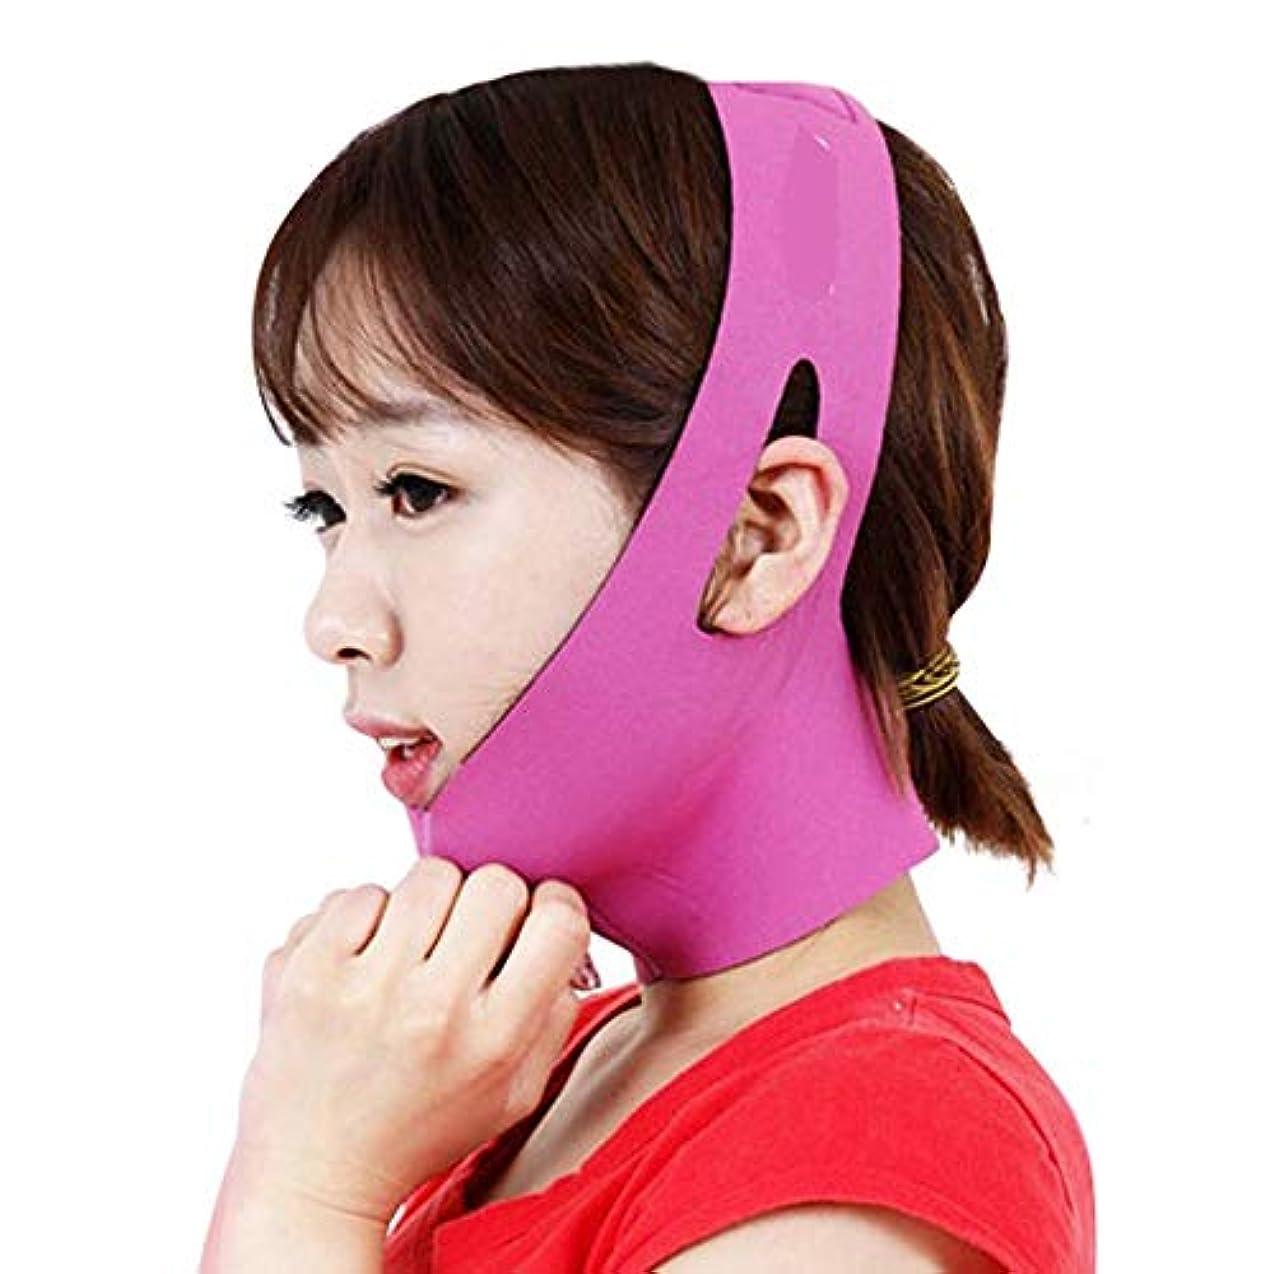 まだ確保する請うBS フェイシャルリフティング痩身ベルト圧縮二重あご減量ベルトスキンケア薄い顔包帯二重あごワークアウト フェイスリフティングアーティファクト (Color : Pink)